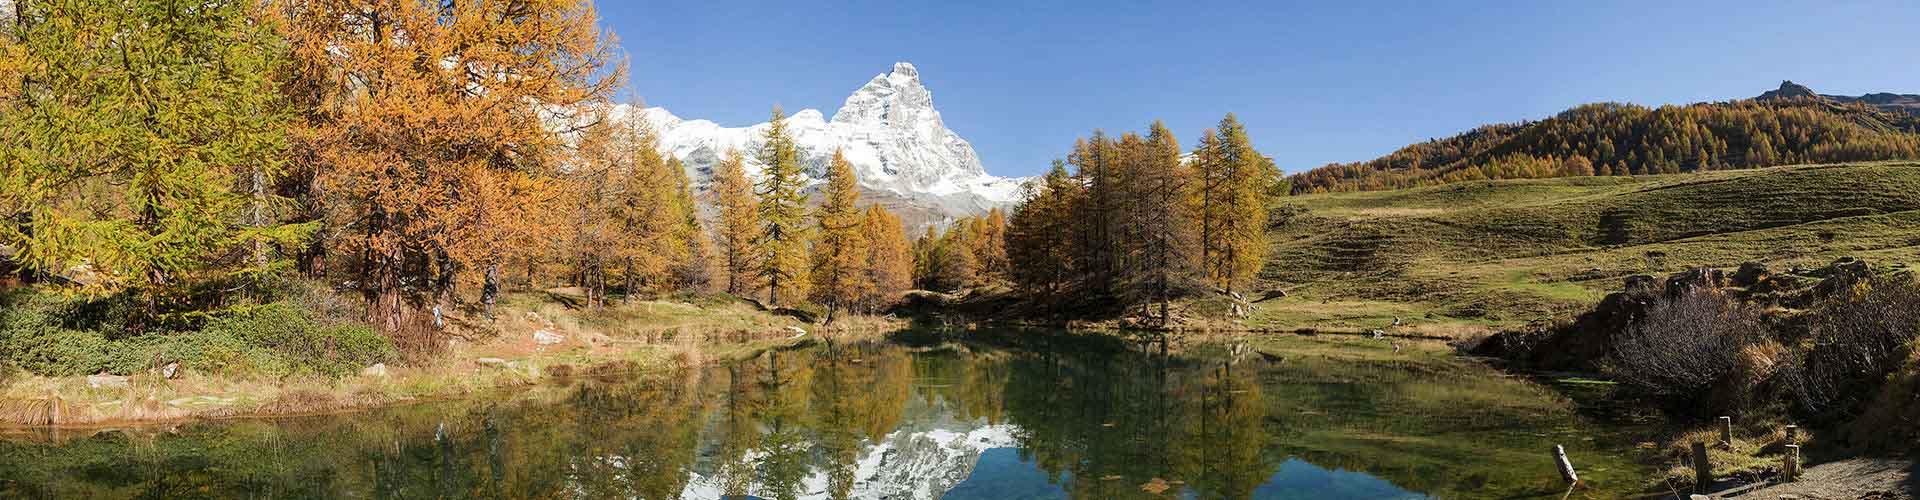 Aosta - Auberges de jeunesse à Aosta. Cartes pour Aosta, photos et commentaires pour chaque auberge de jeunesse à Aosta.